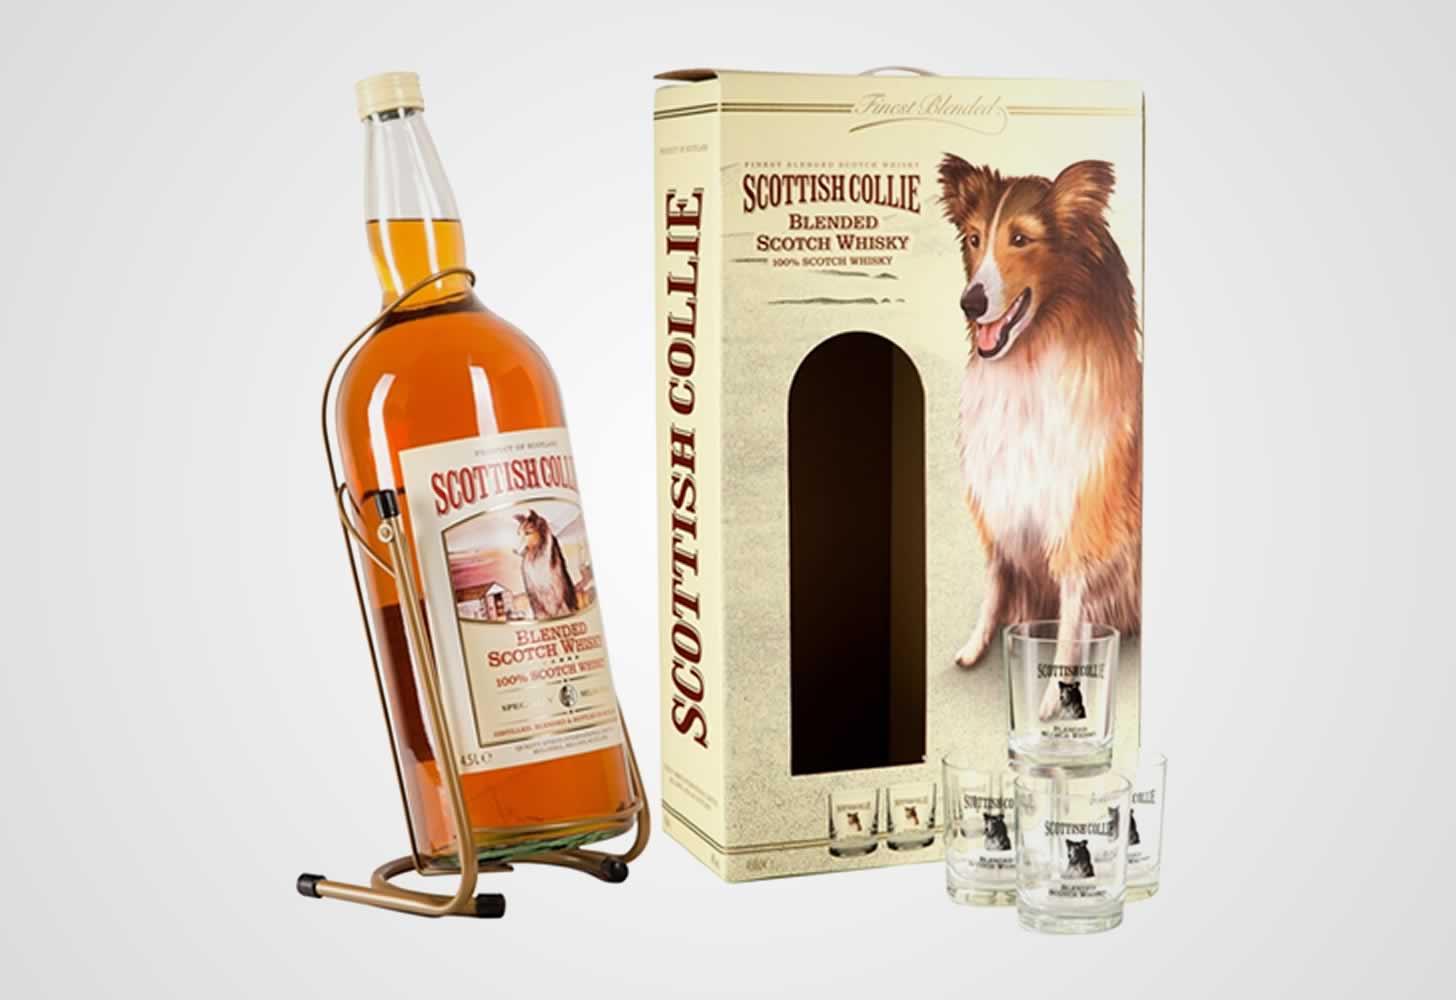 Виски scottish collie: особенности, виды, марки и отзывы покупателей